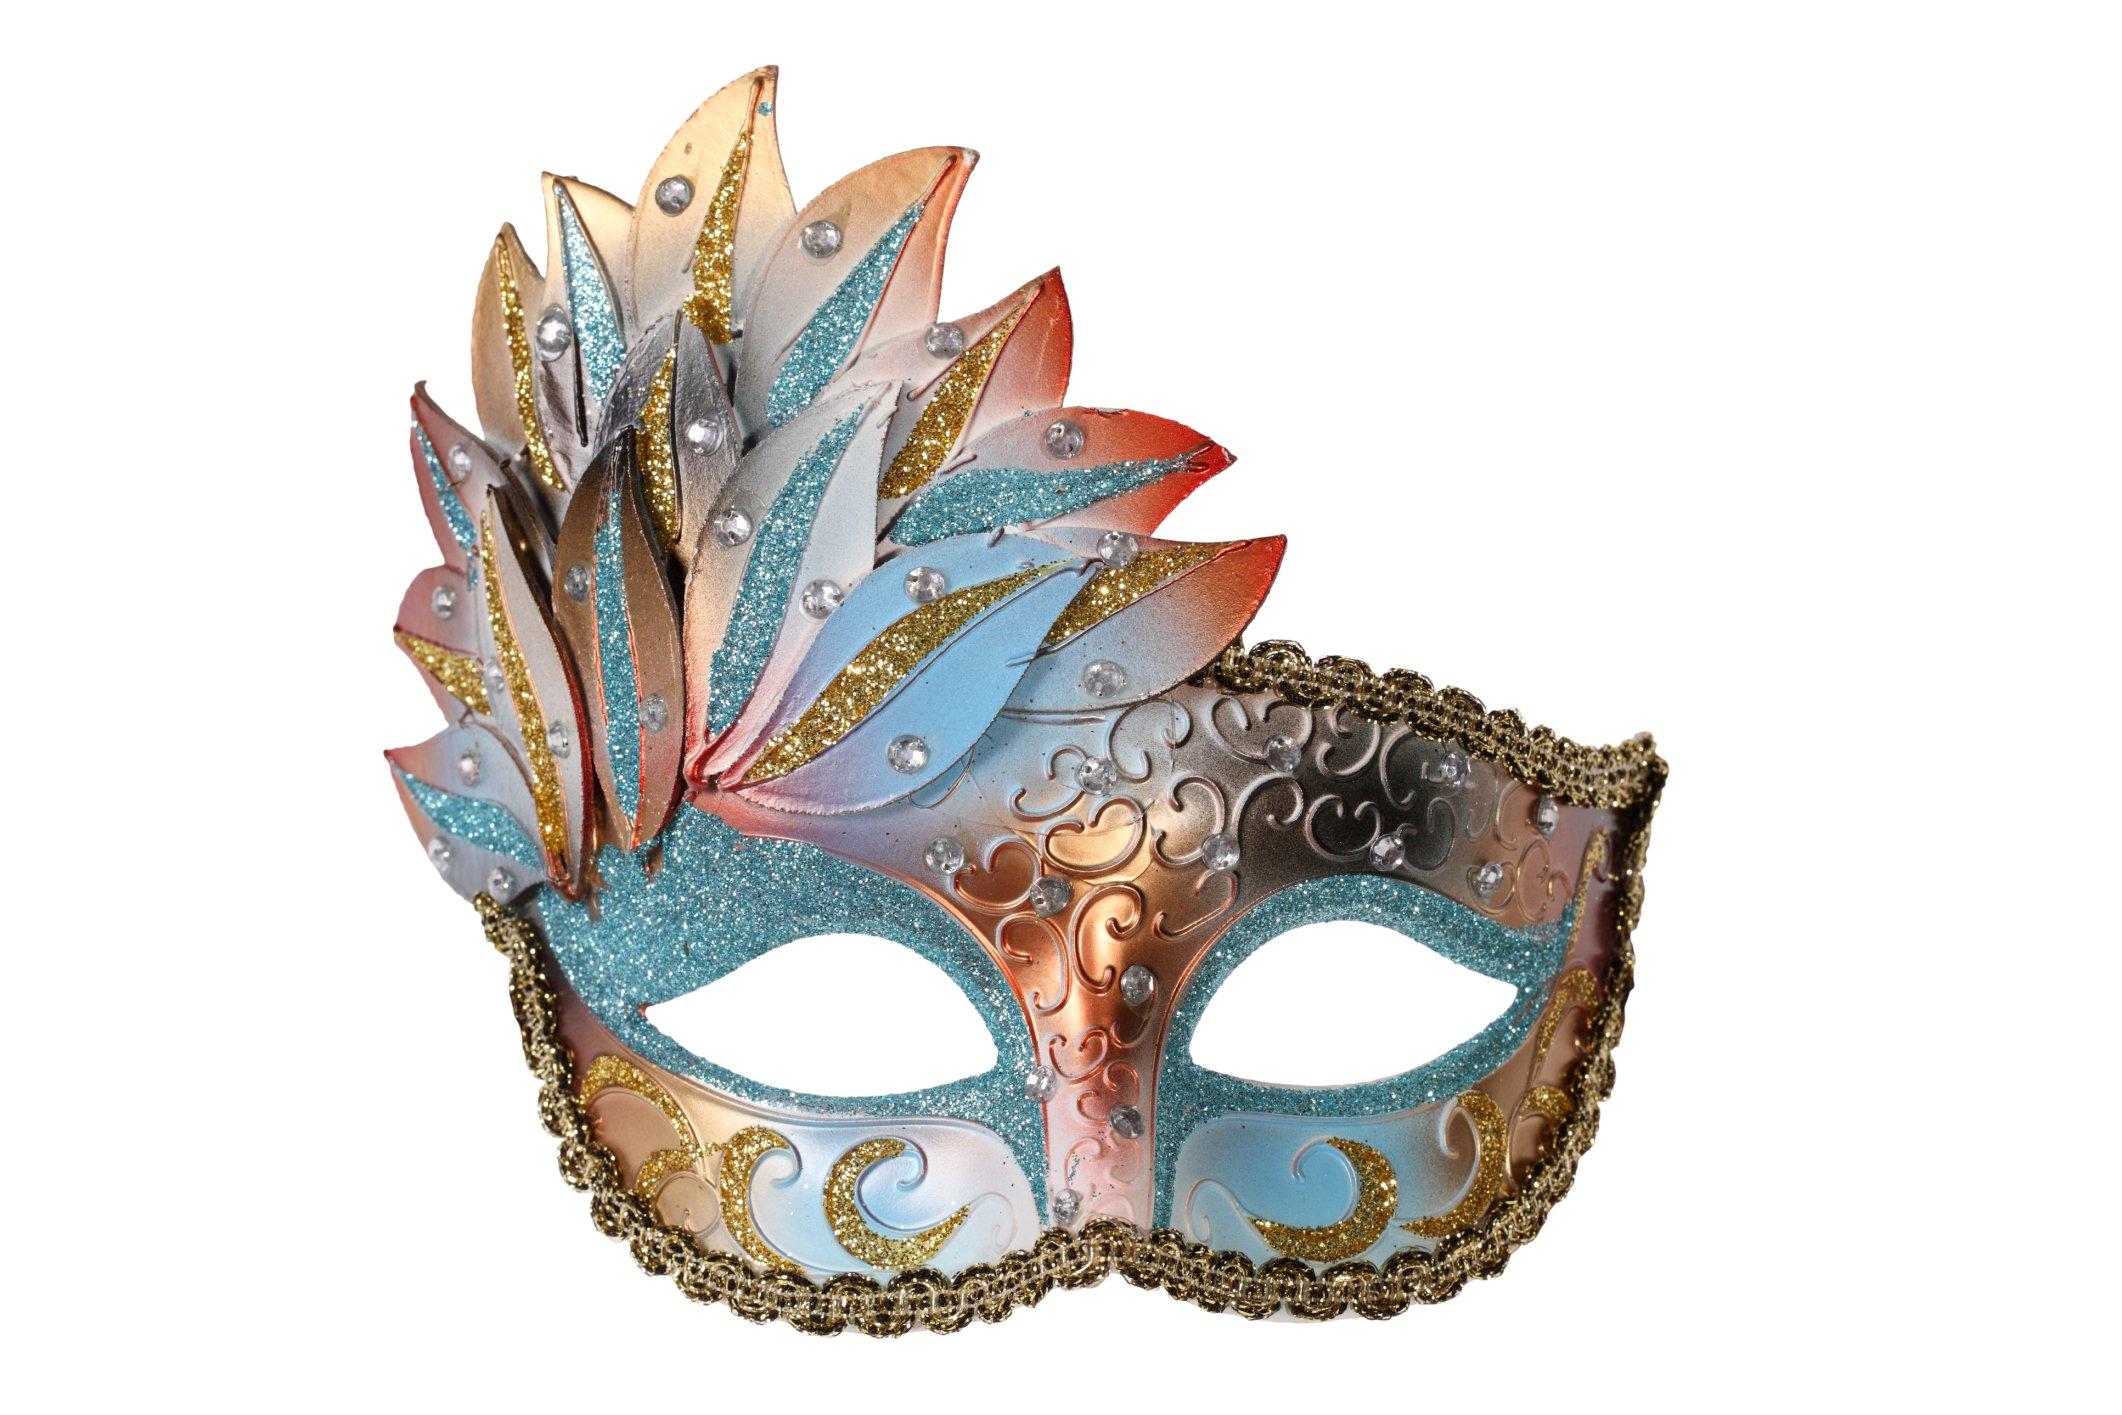 Cómo hacer mascaras para Carnaval - Tutoriales arte de Totenart